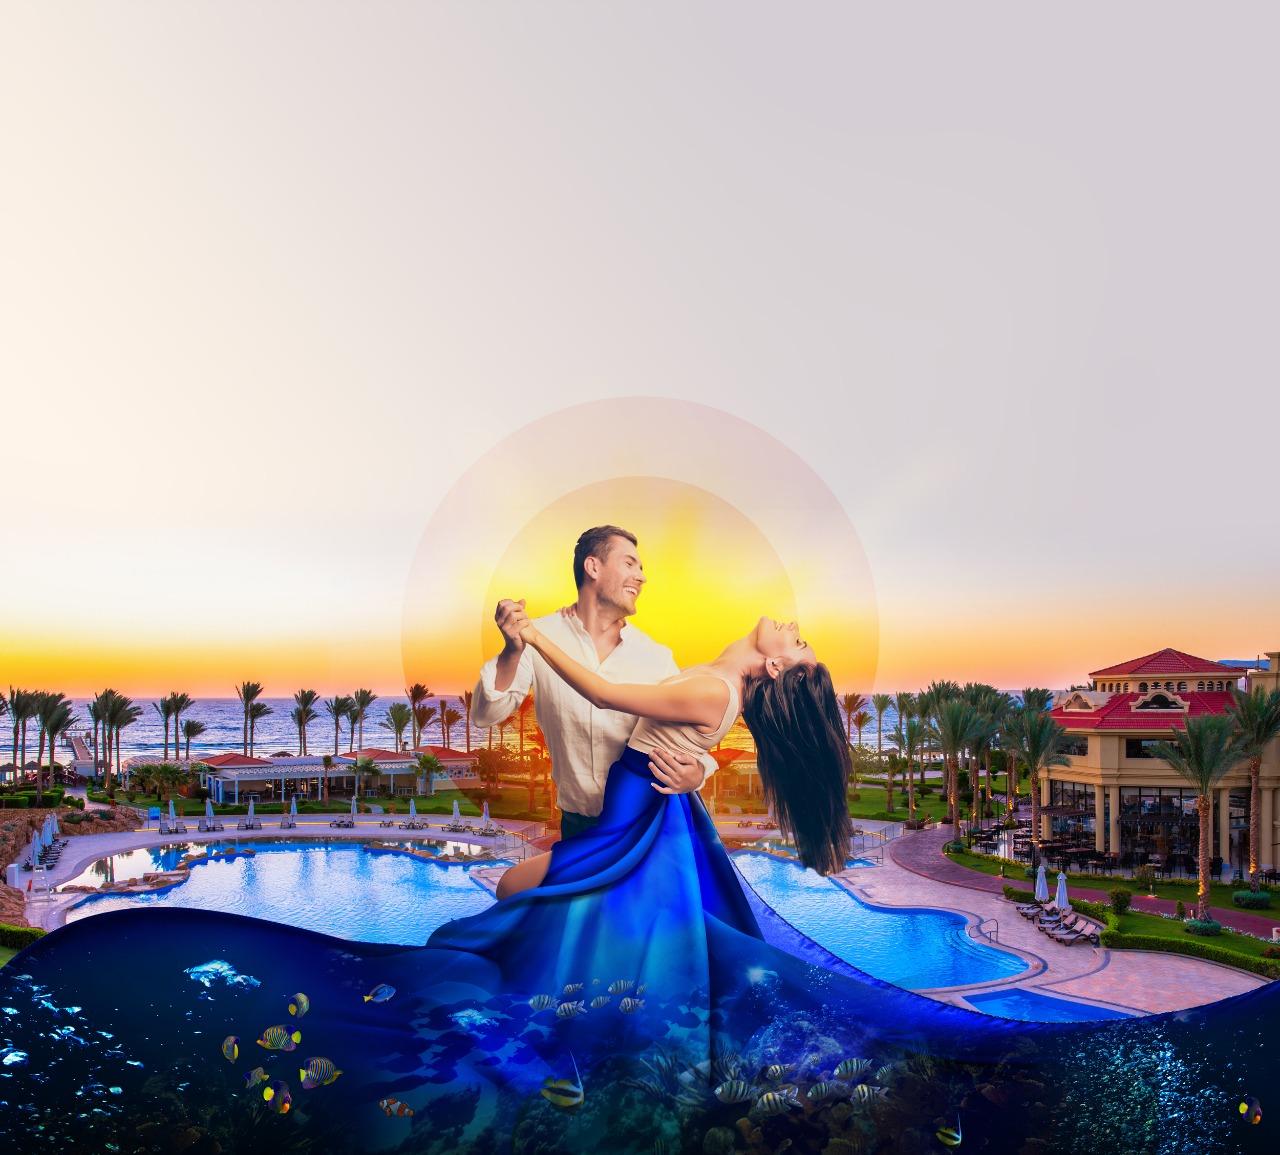 ريكسوس شرم الشيخ يقدم الإقامة الأروع بمفهومها الجديد للبالغين على البحر الأحمر